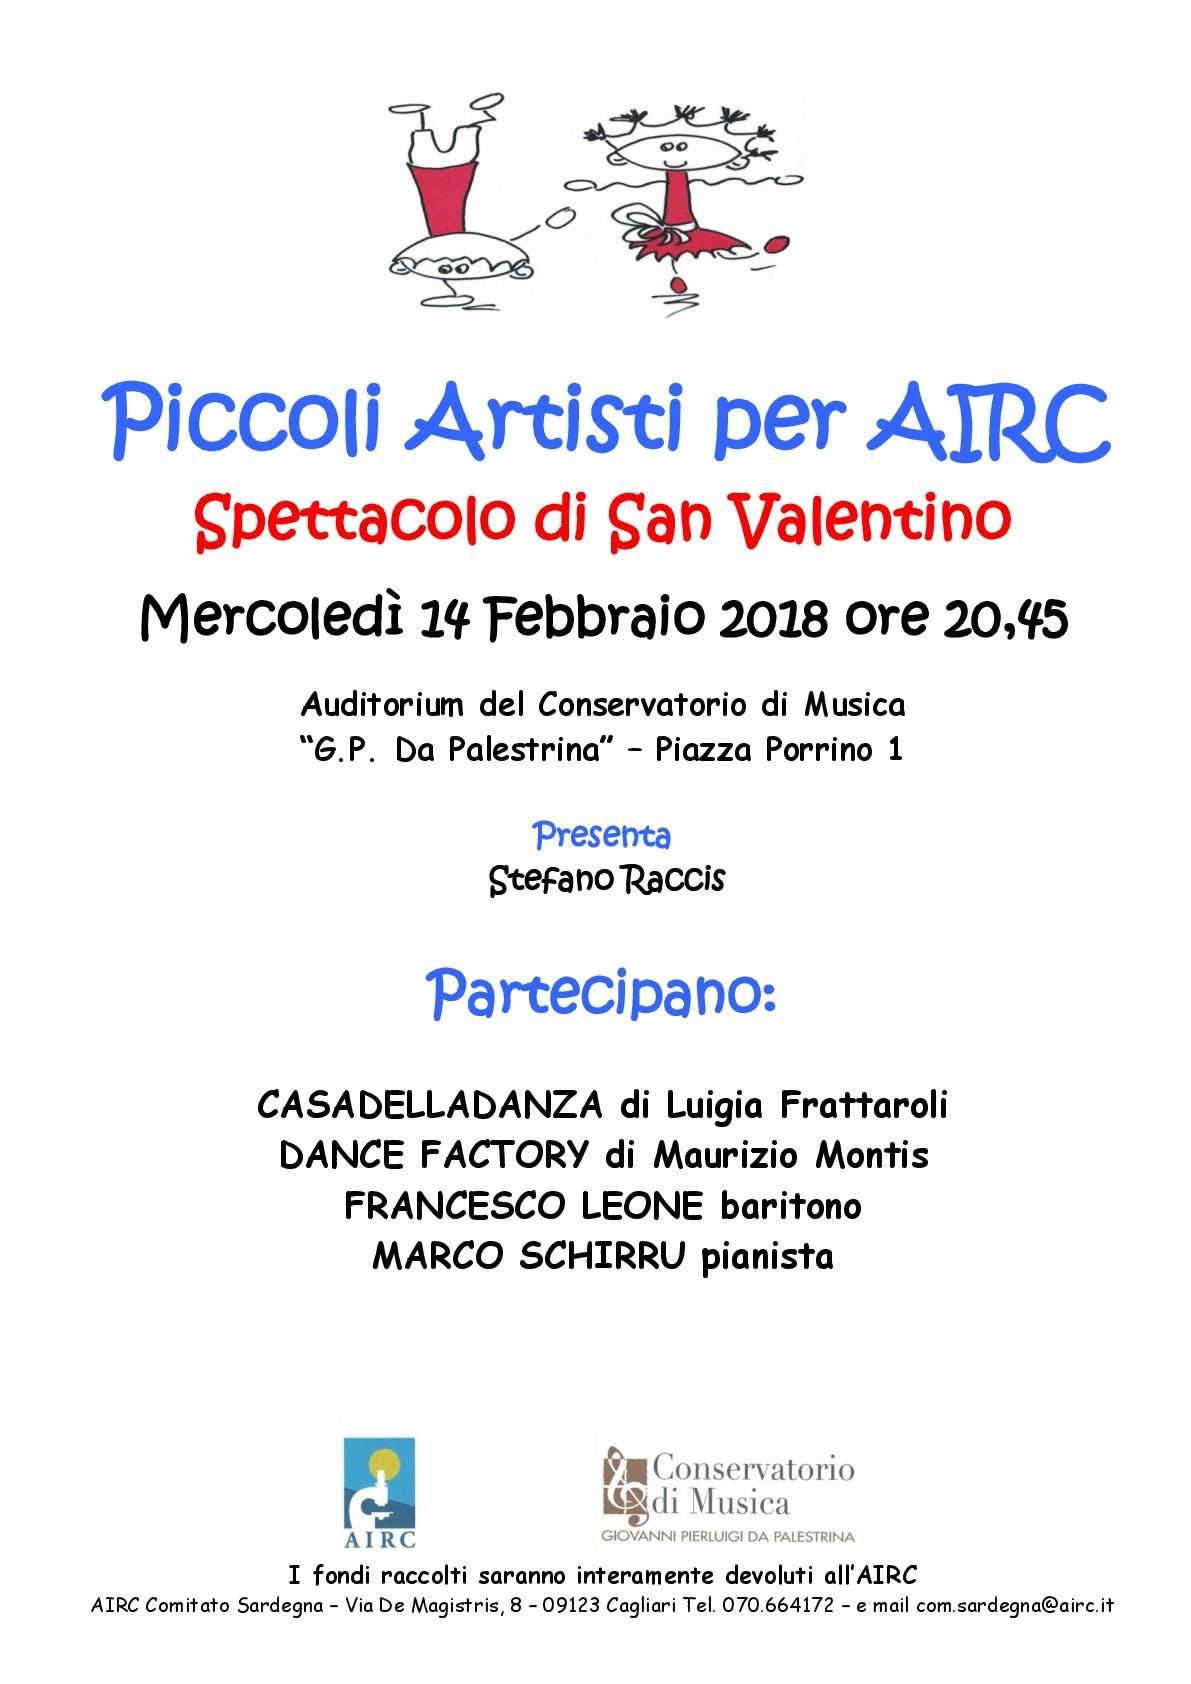 Piccoli artisti per AIRC – Spettacolo di San Valentino